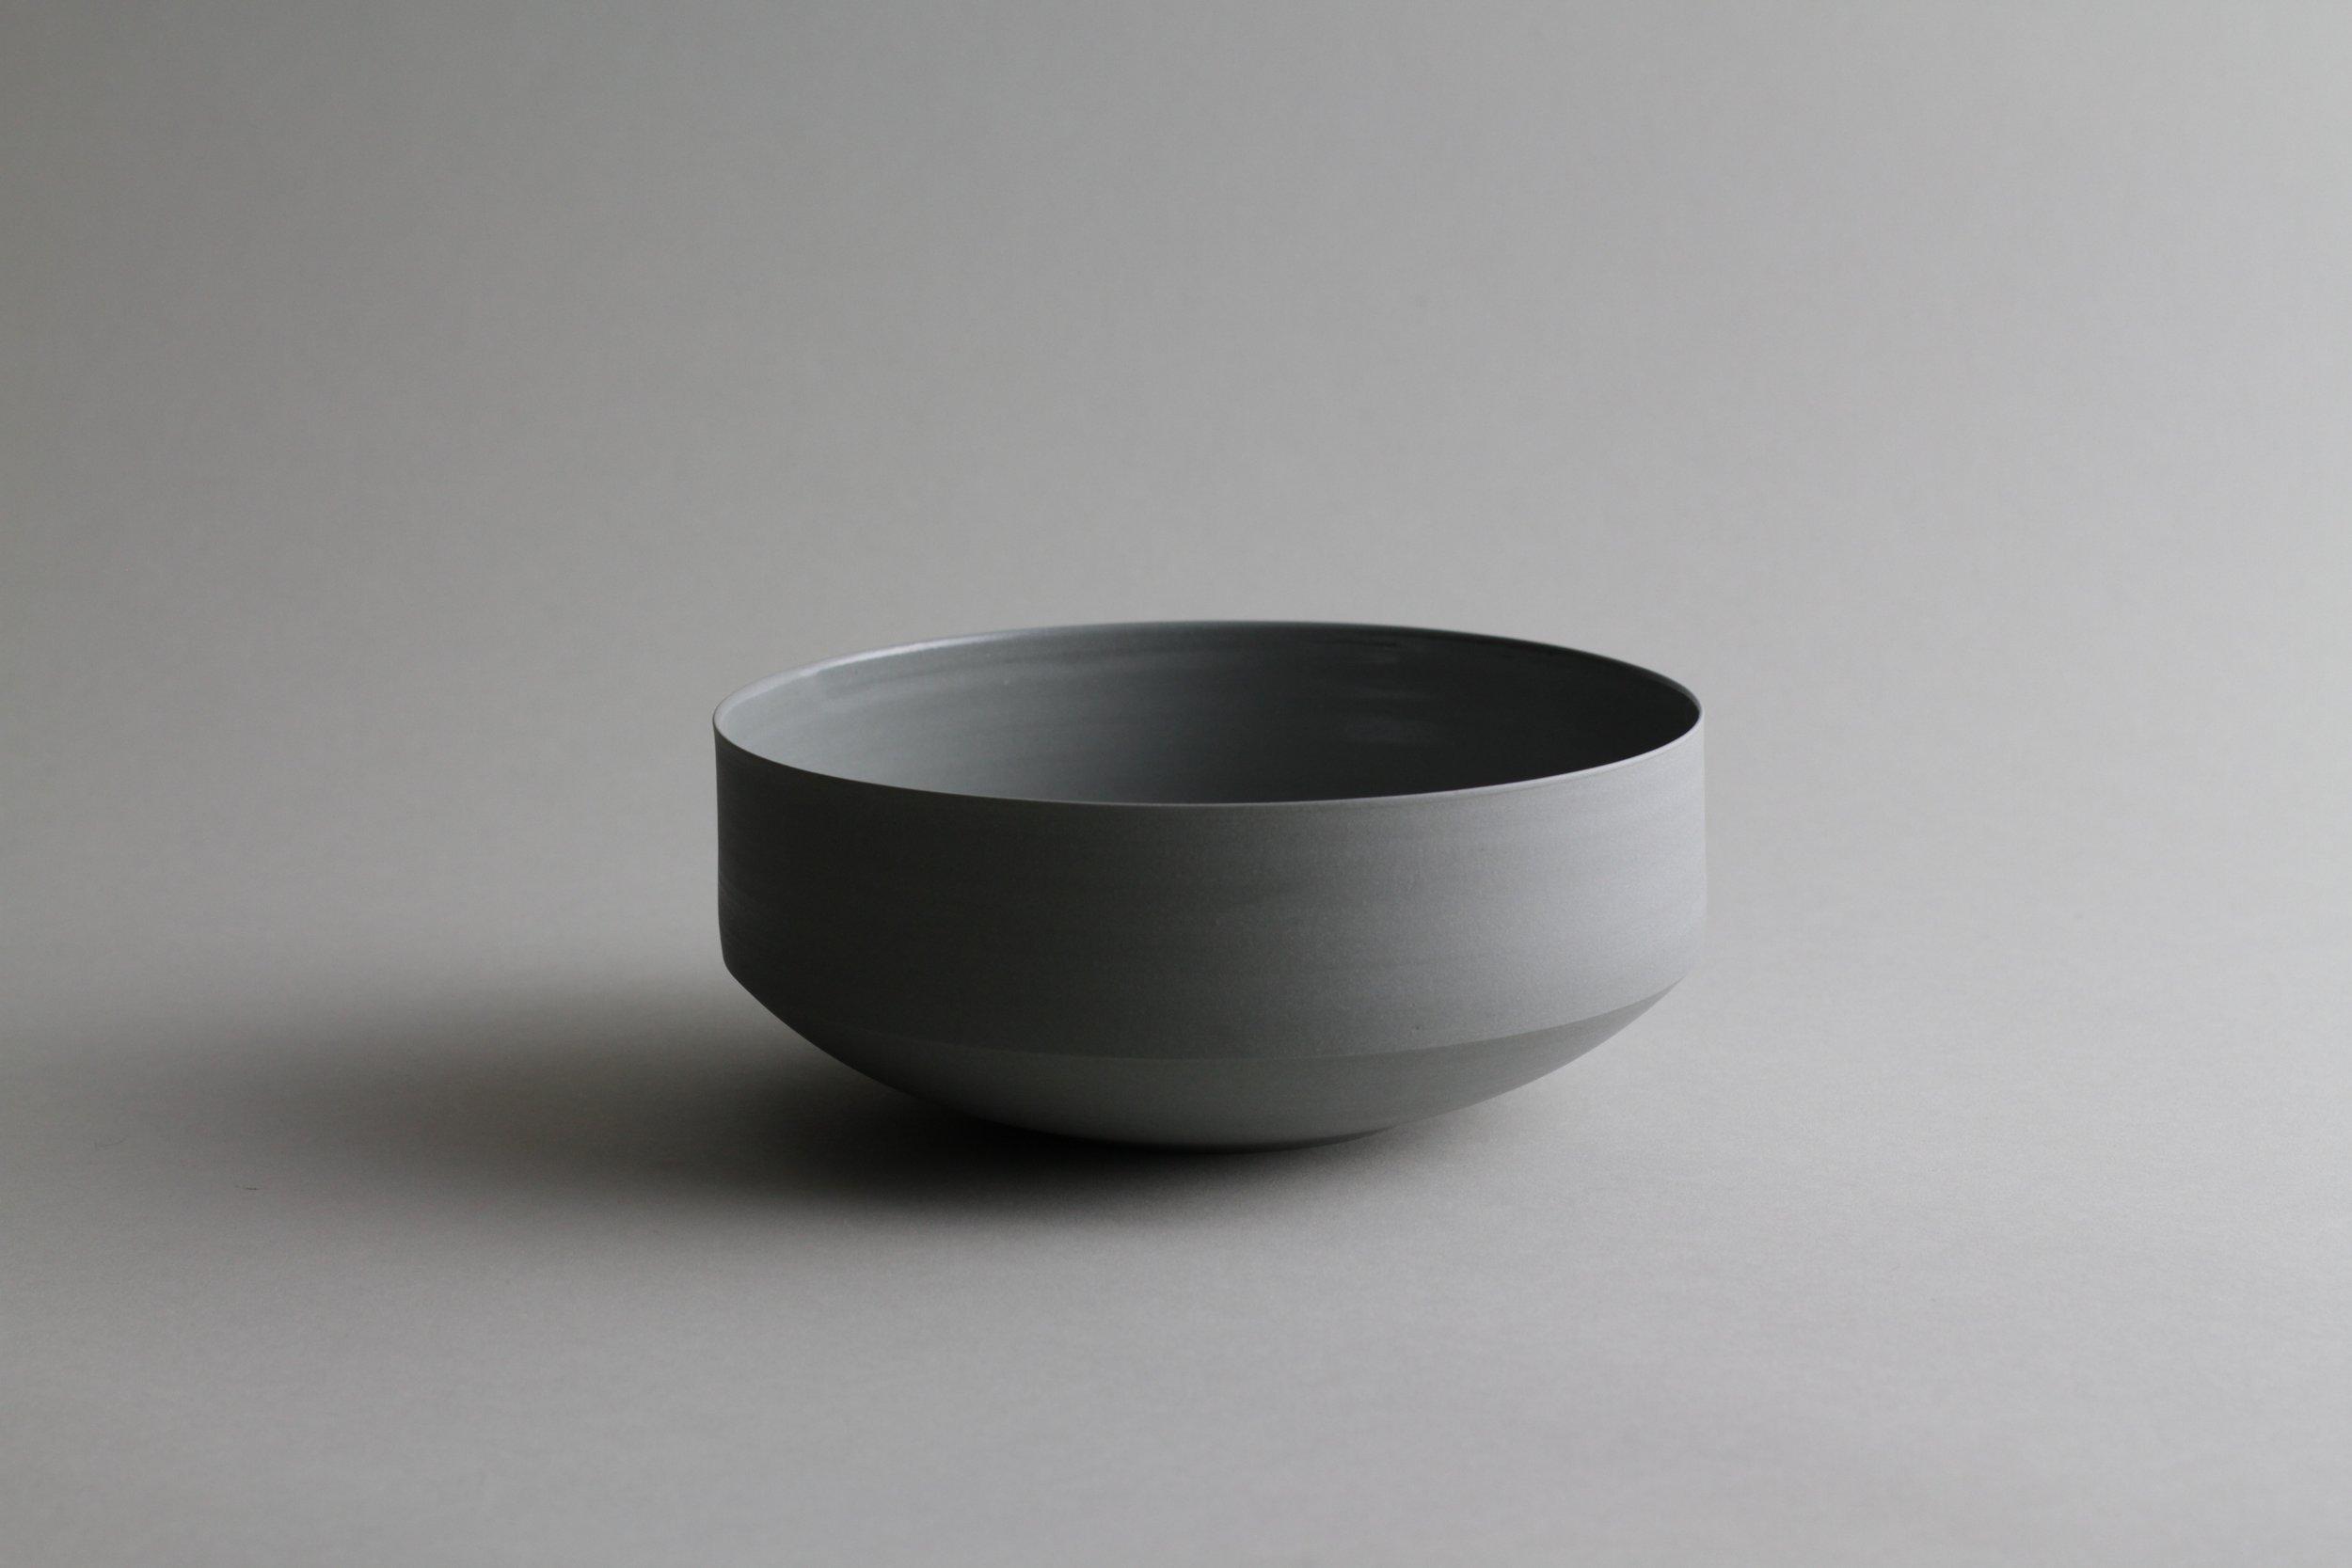 Porcelain ceramic grey bowl by Lilith Rockett, Portland, Oregon